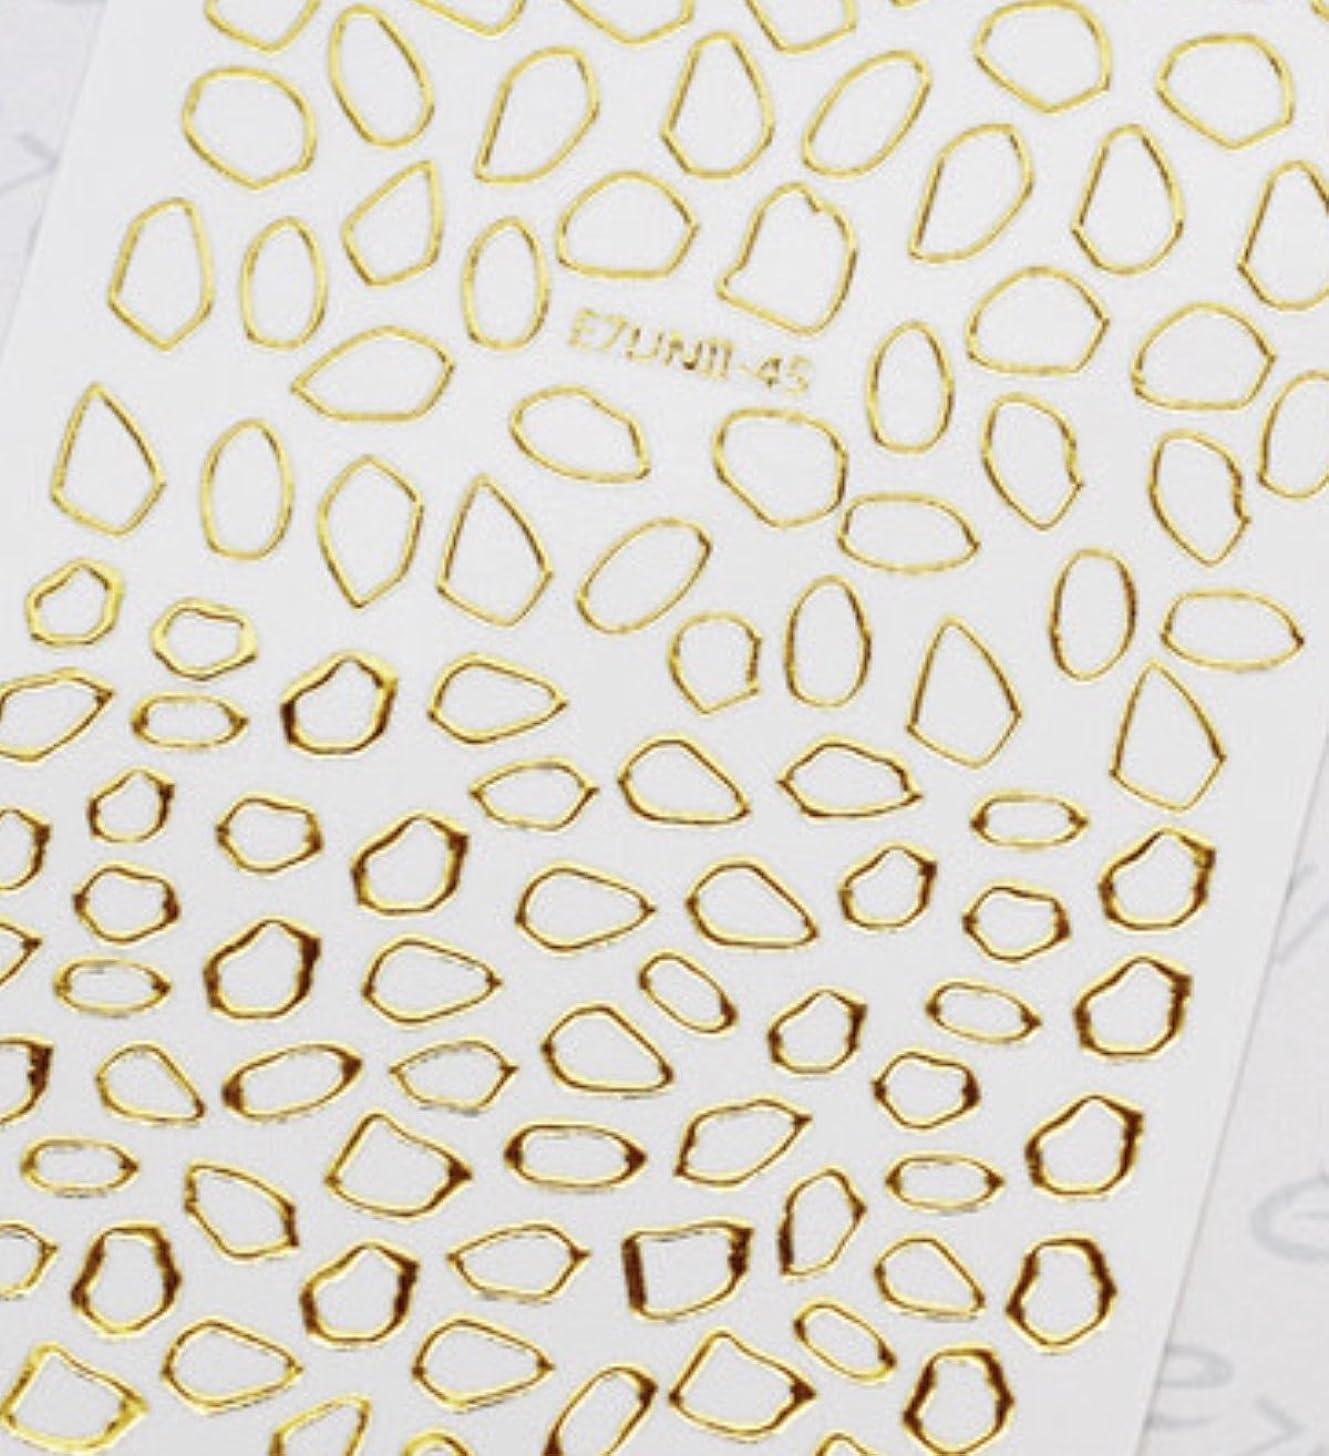 腰殺人者プラカード極薄直接貼るタイプ ネイルシール スティッカー 枠 変形フレーム 垂らしこみアート用 多種多様なデザインに対応可能 ゴールド 金色 45番